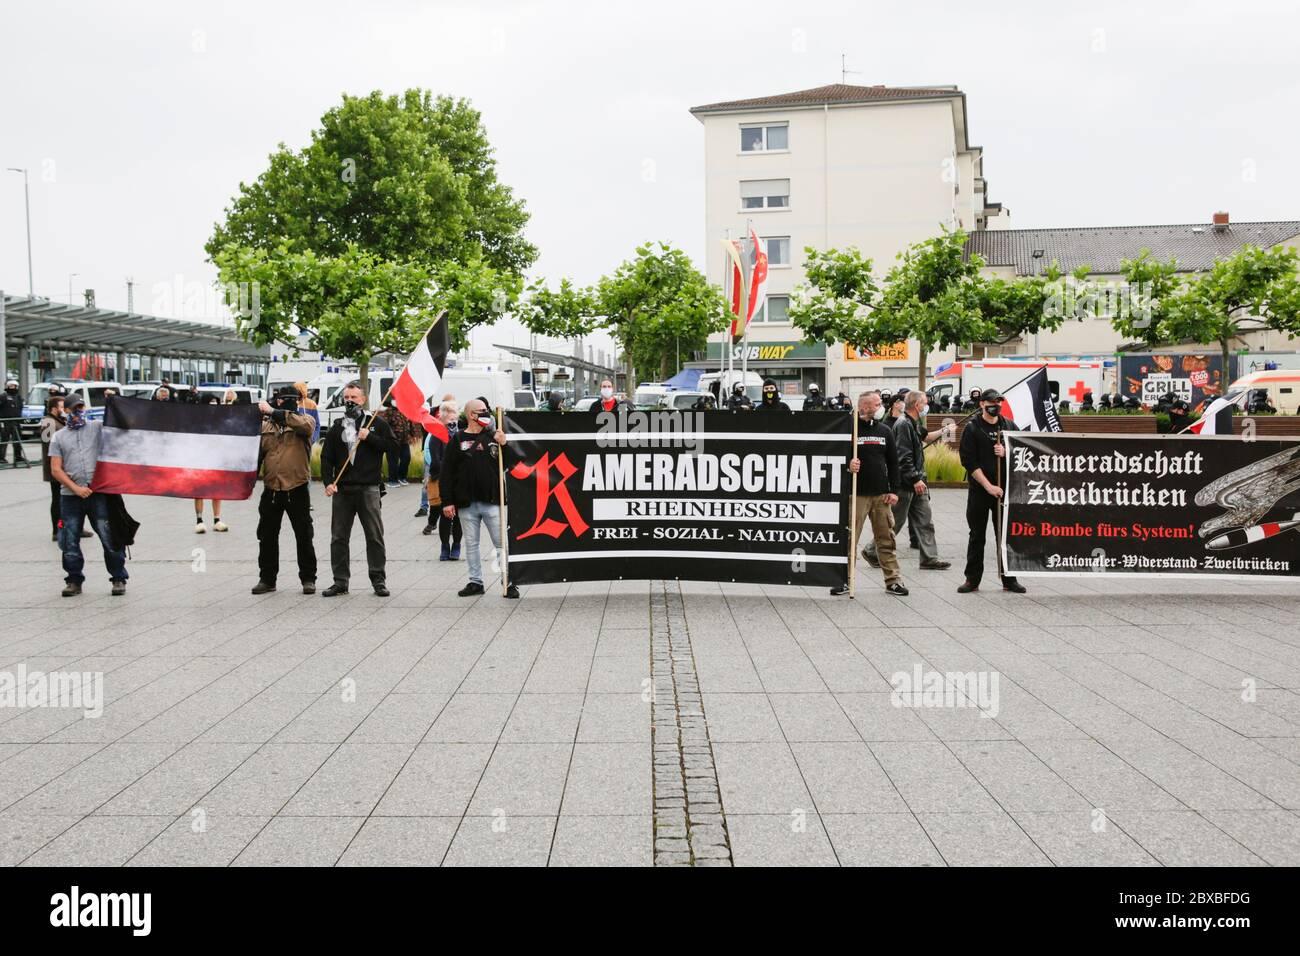 Worm, Germania. 6 giugno 2020. I manifestanti di destra si levano in piedi con bandiere e bandiere al rally di chiusura. Circa 50 manifestanti di destra hanno marciato attraverso il centro di Worms per il 12. E l'ultimo 'giorno del futuro tedesco'. La marcia è stata ridotta a causa di diverse centinaia di contronestori che hanno bloccato la strada della marcia di destra. la marcia è stata un evento annuale di destra in diverse città tedesche che ha attirato oltre 1000 manifestanti al suo massimo livello. Foto Stock